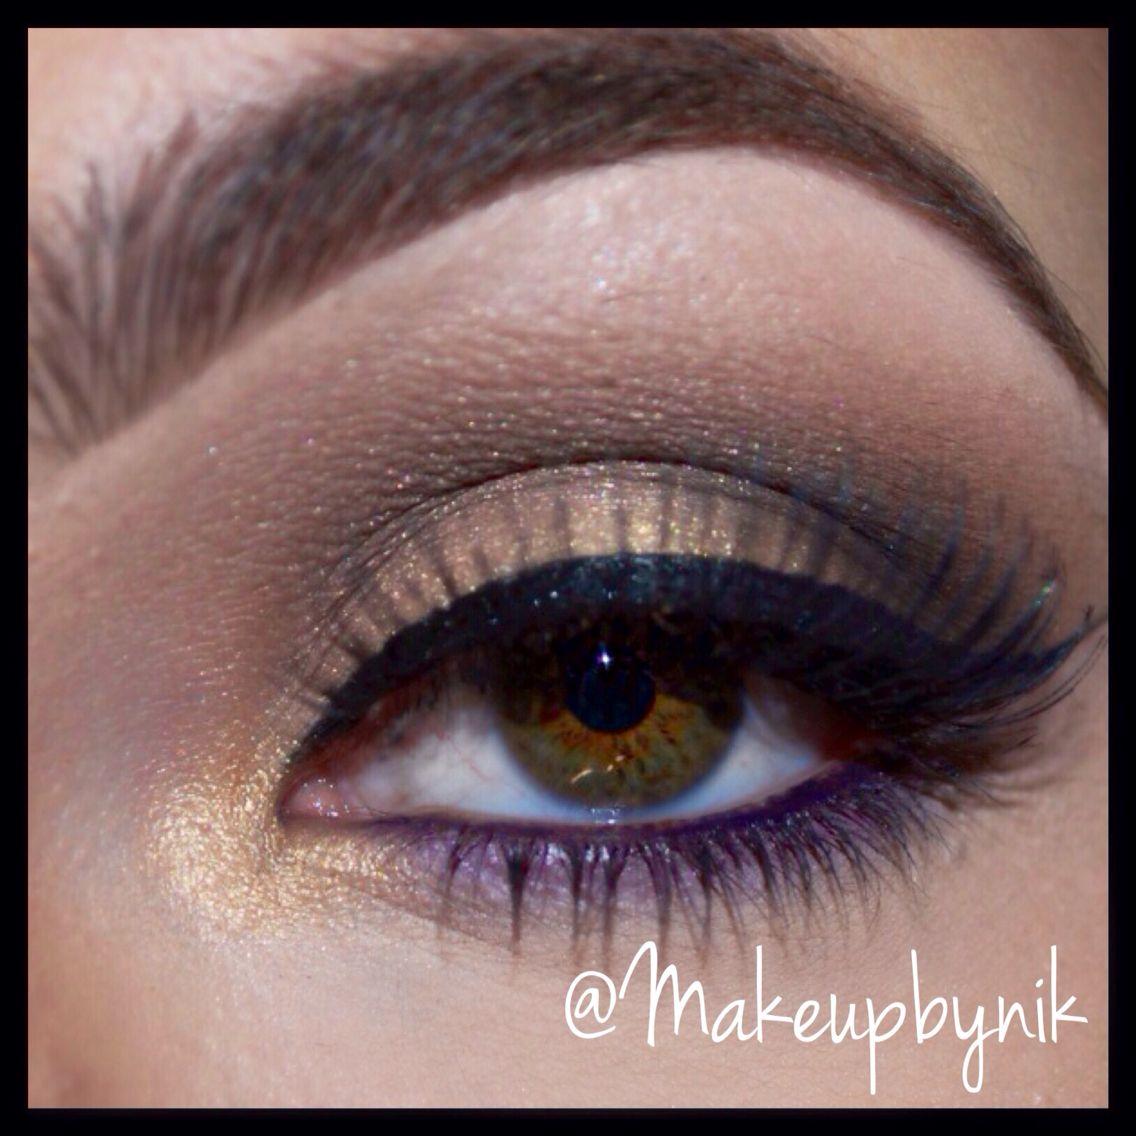 Too Faced Rock n' Roll eyeshadow palette makeupbynik